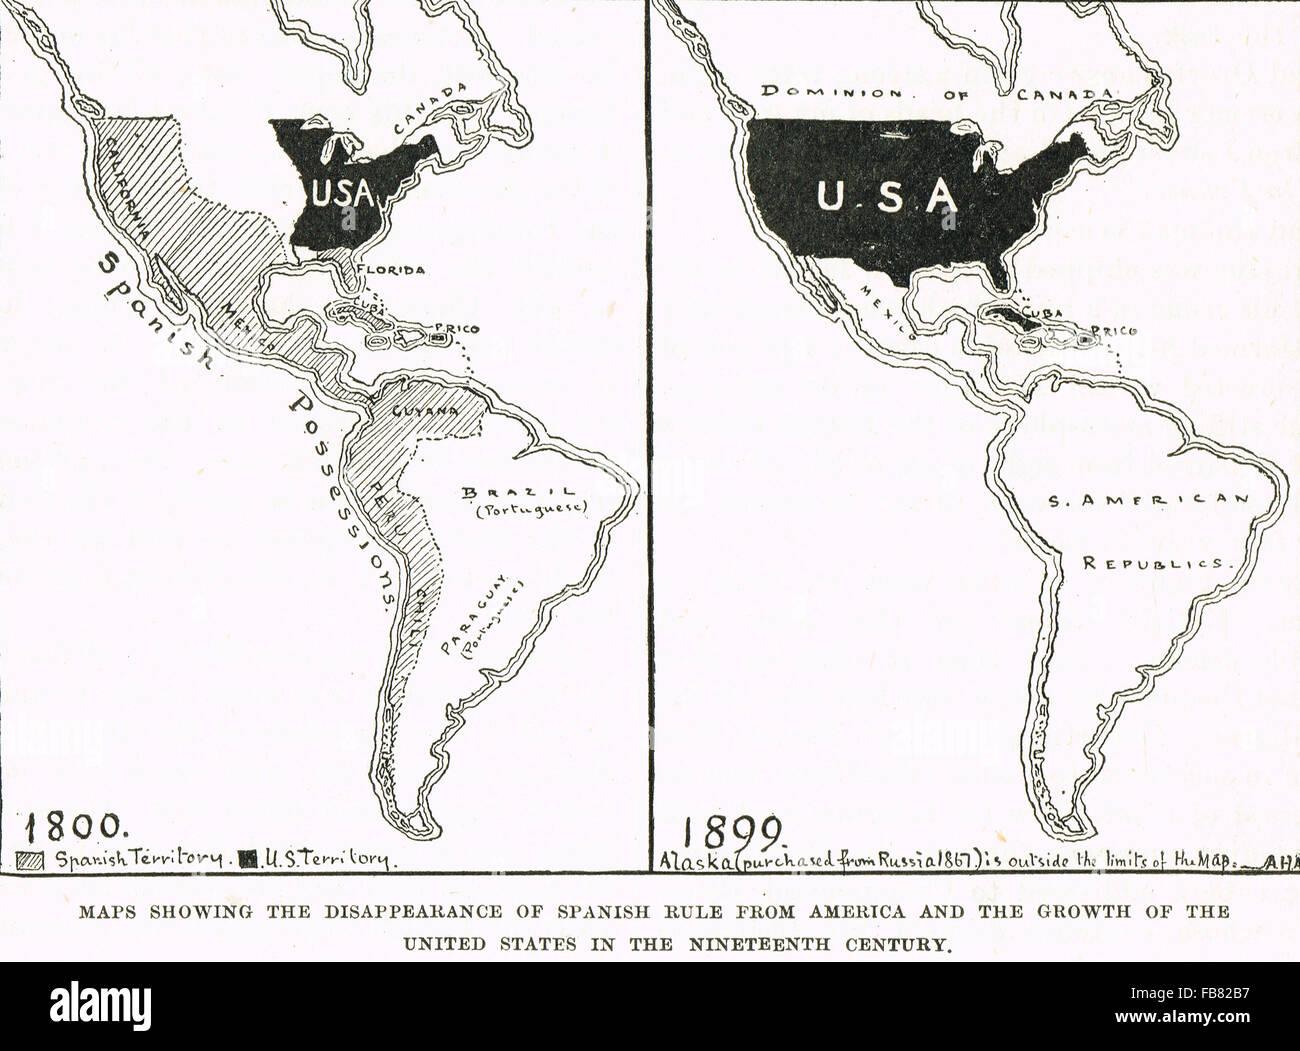 Le mappe che mostrano la crescita degli Stati Uniti d'America e il declino del dominio spagnolo1800-1899 Immagini Stock